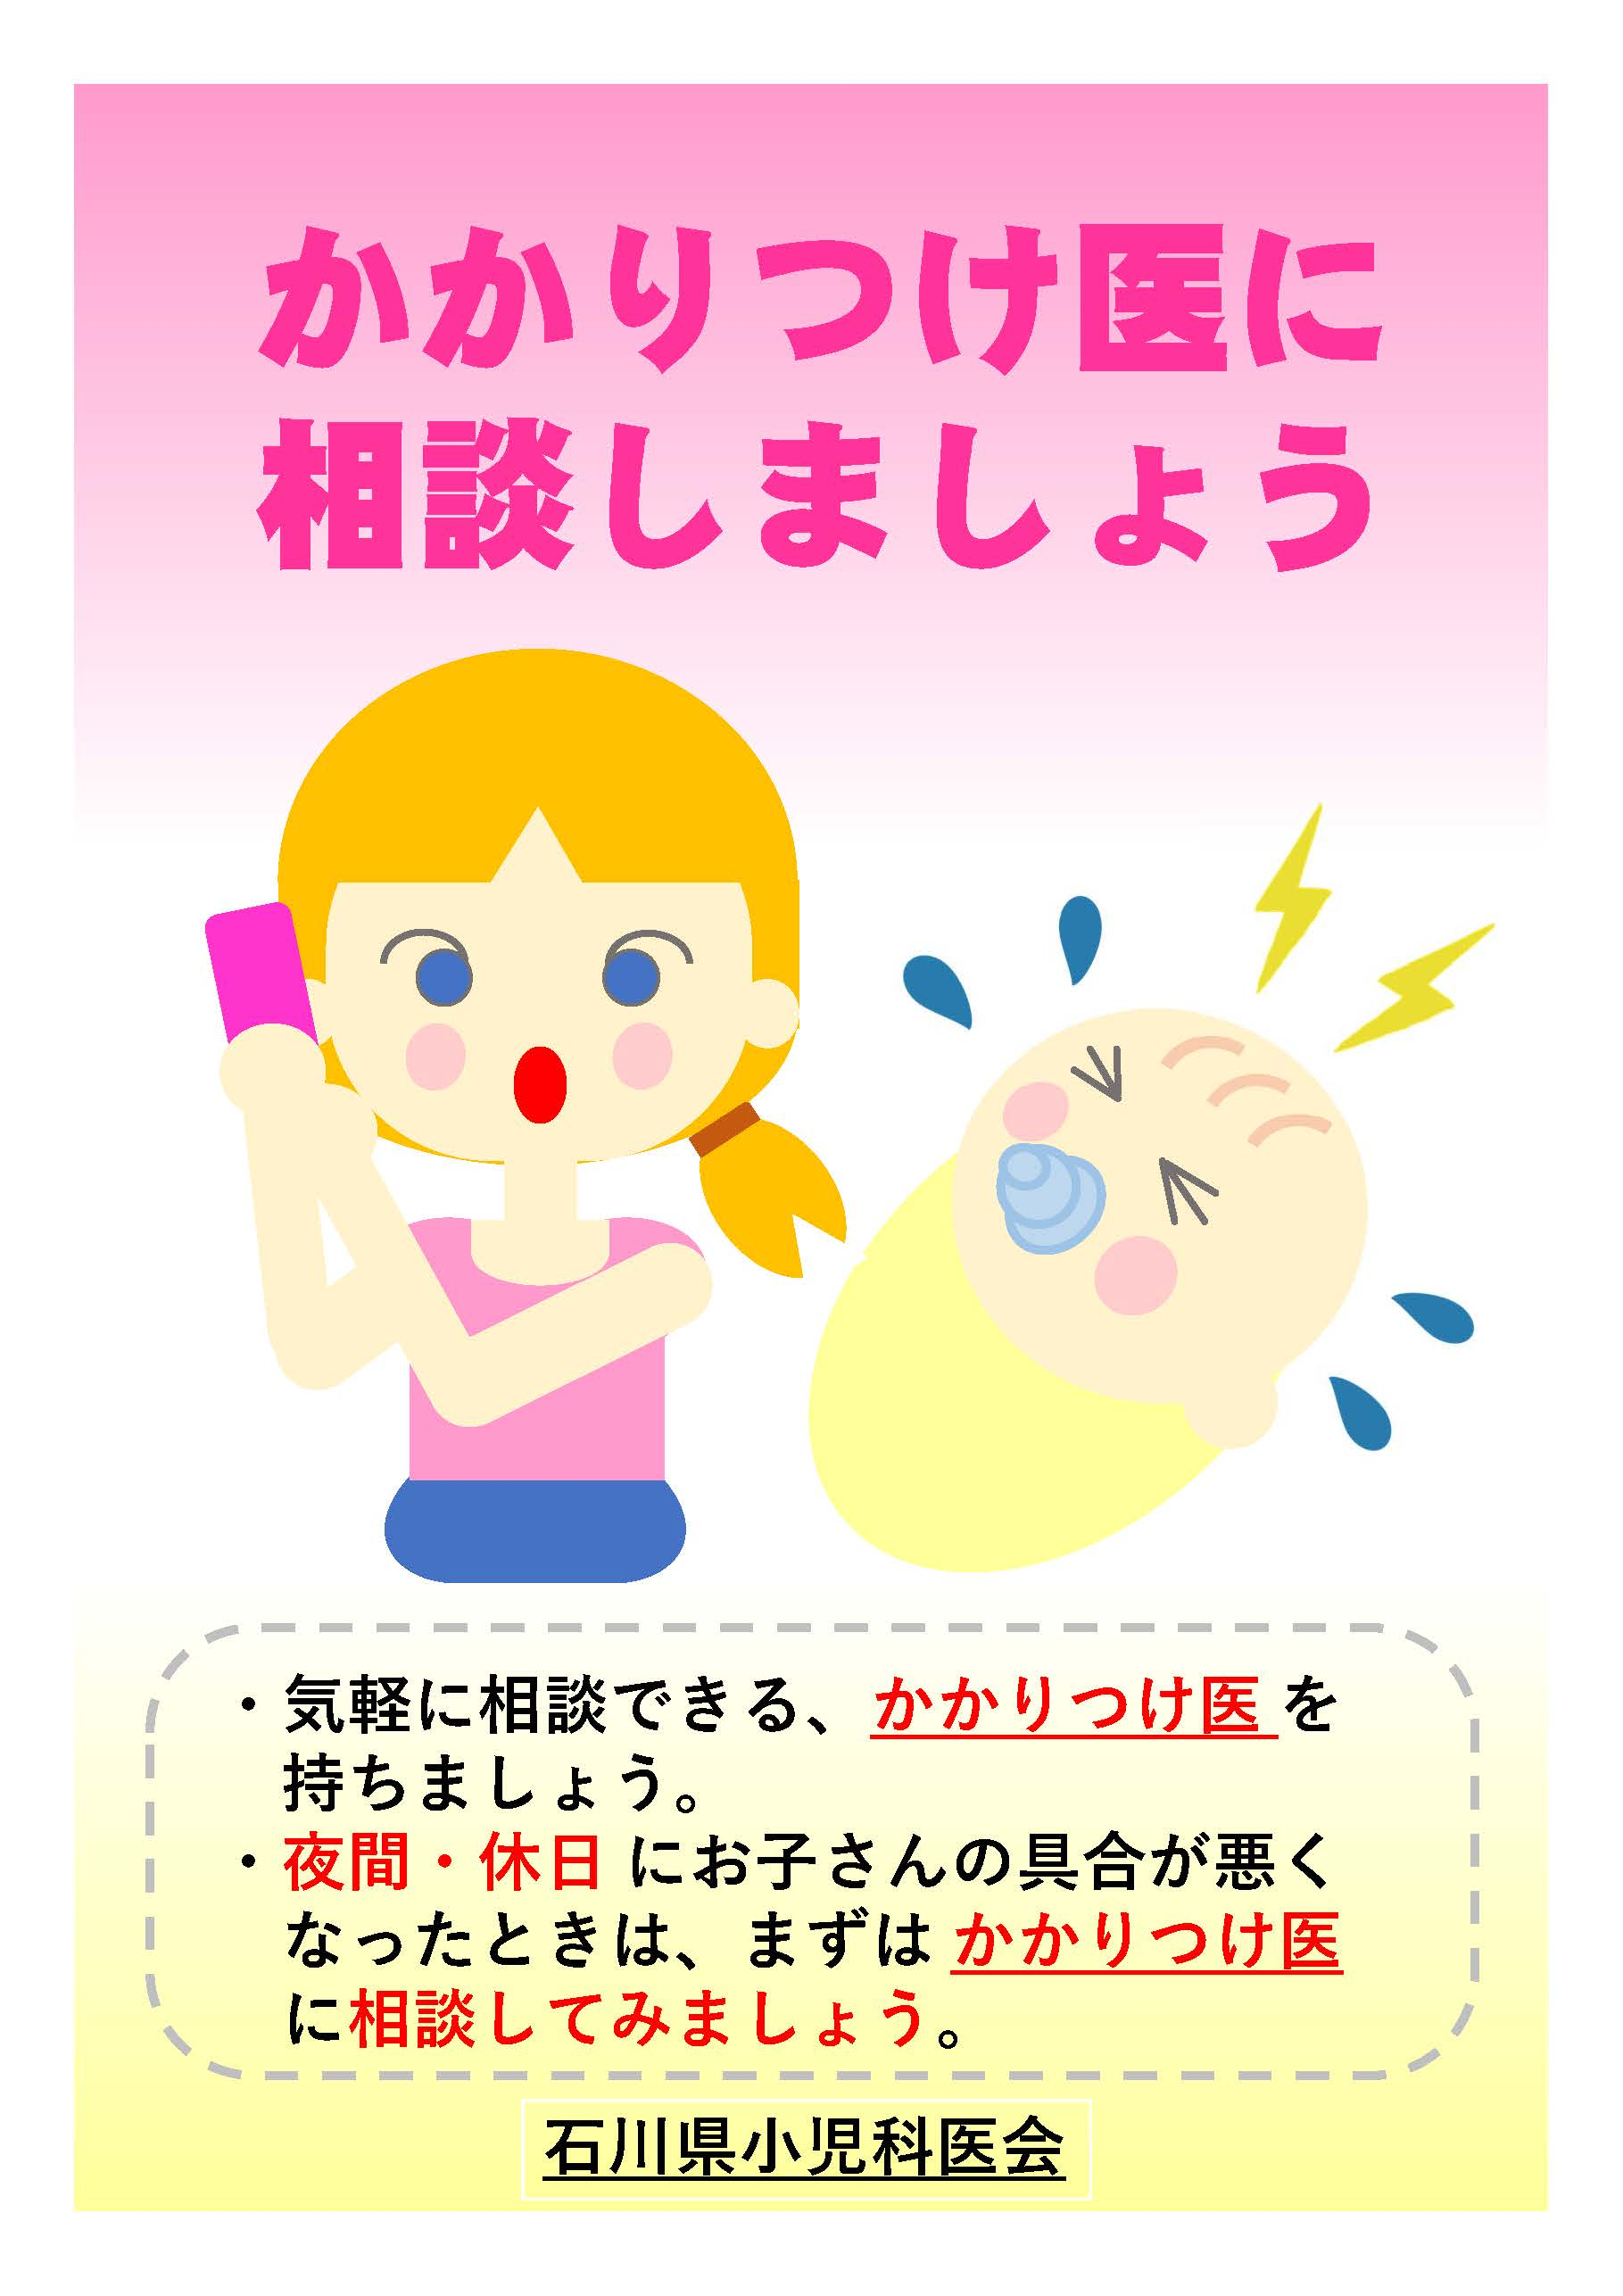 石川県小児科医会